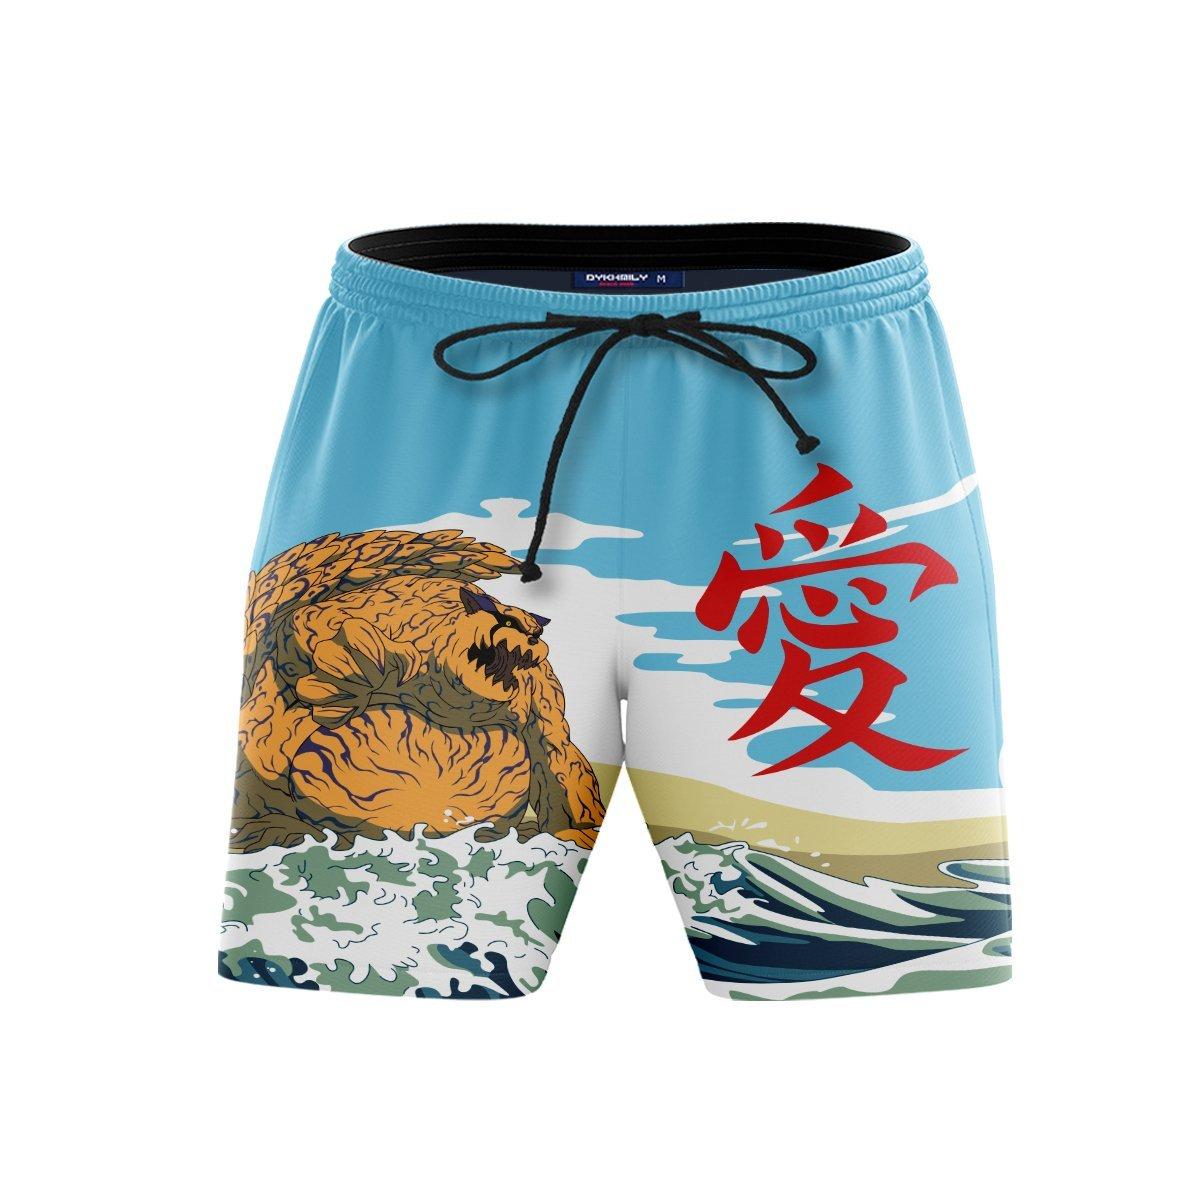 Gaara Summer Beach Shorts FDM3107 S Official Anime Swimsuit Merch